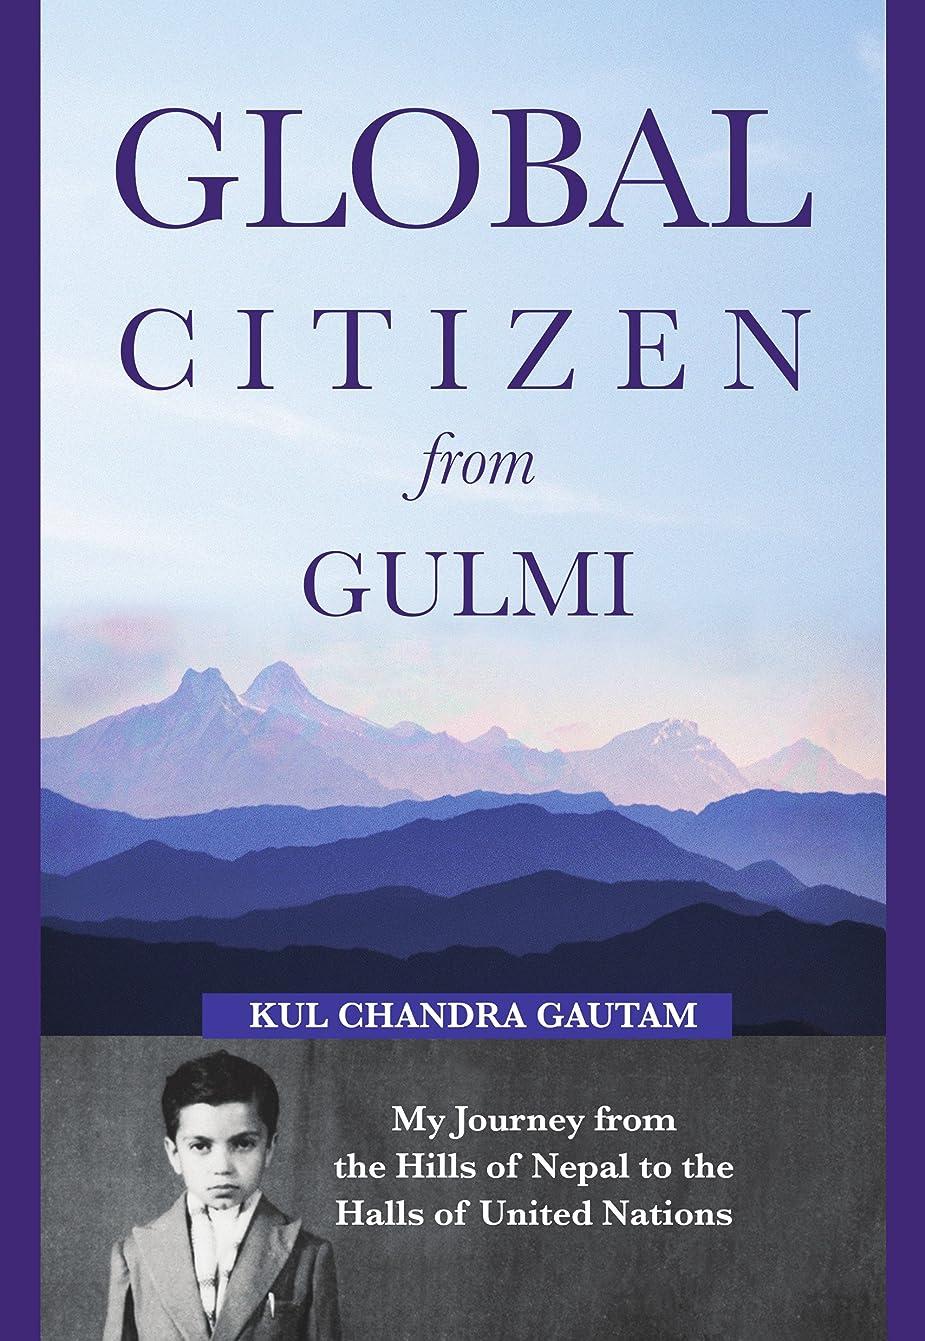 抵当湿った緊急Global Citizen from Gulmi: My Journey from the Hills of Nepal to the Halls of United Nations (English Edition)